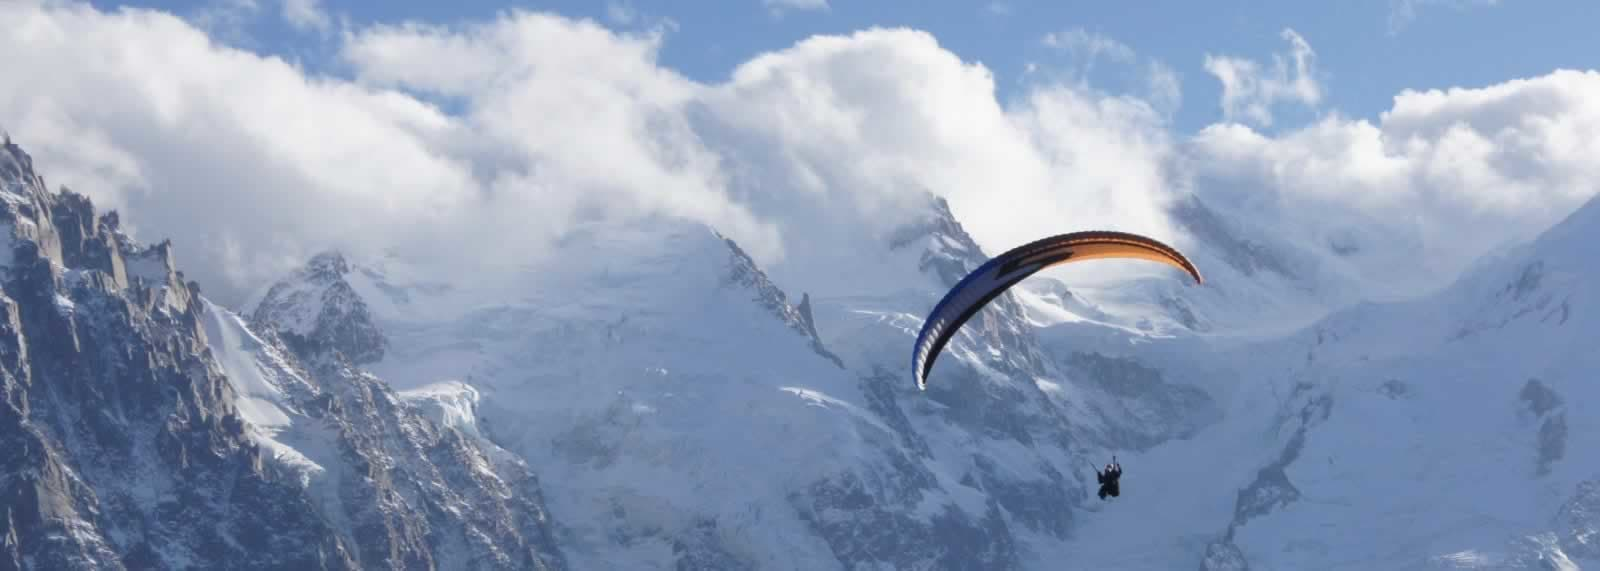 Paragliding near Mt Blanc - SkySchool